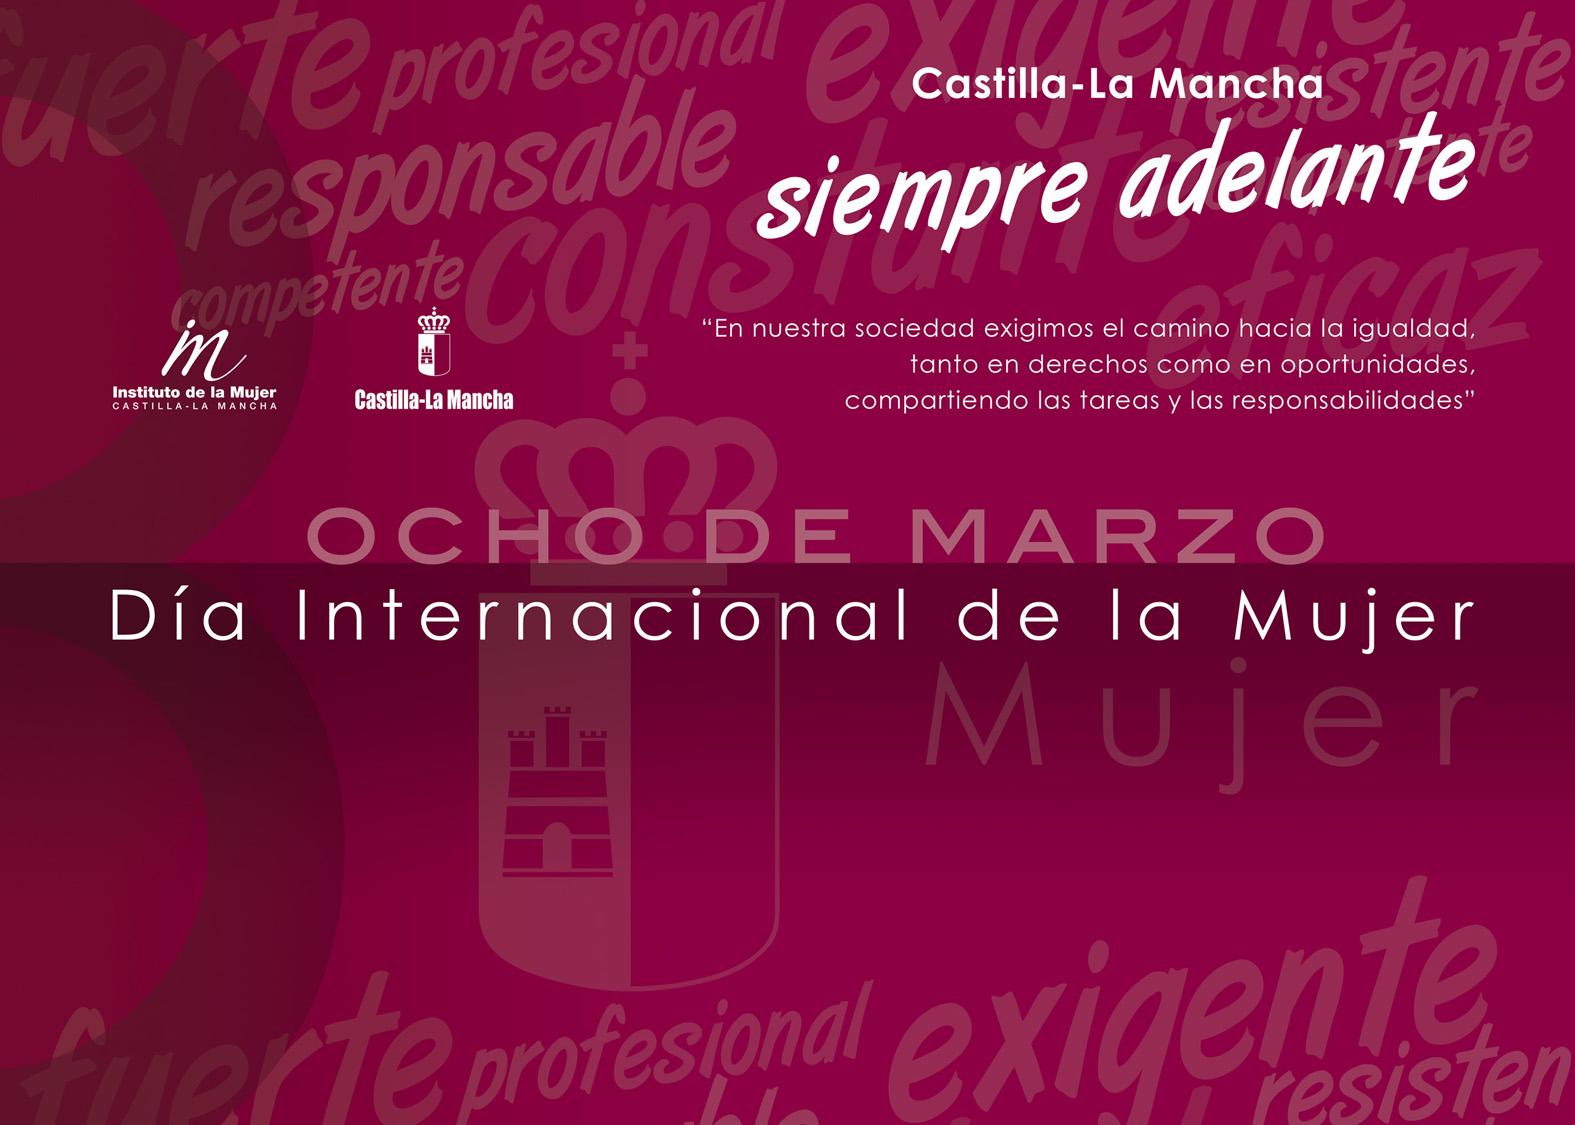 Día Internacional de la Mujer 2008